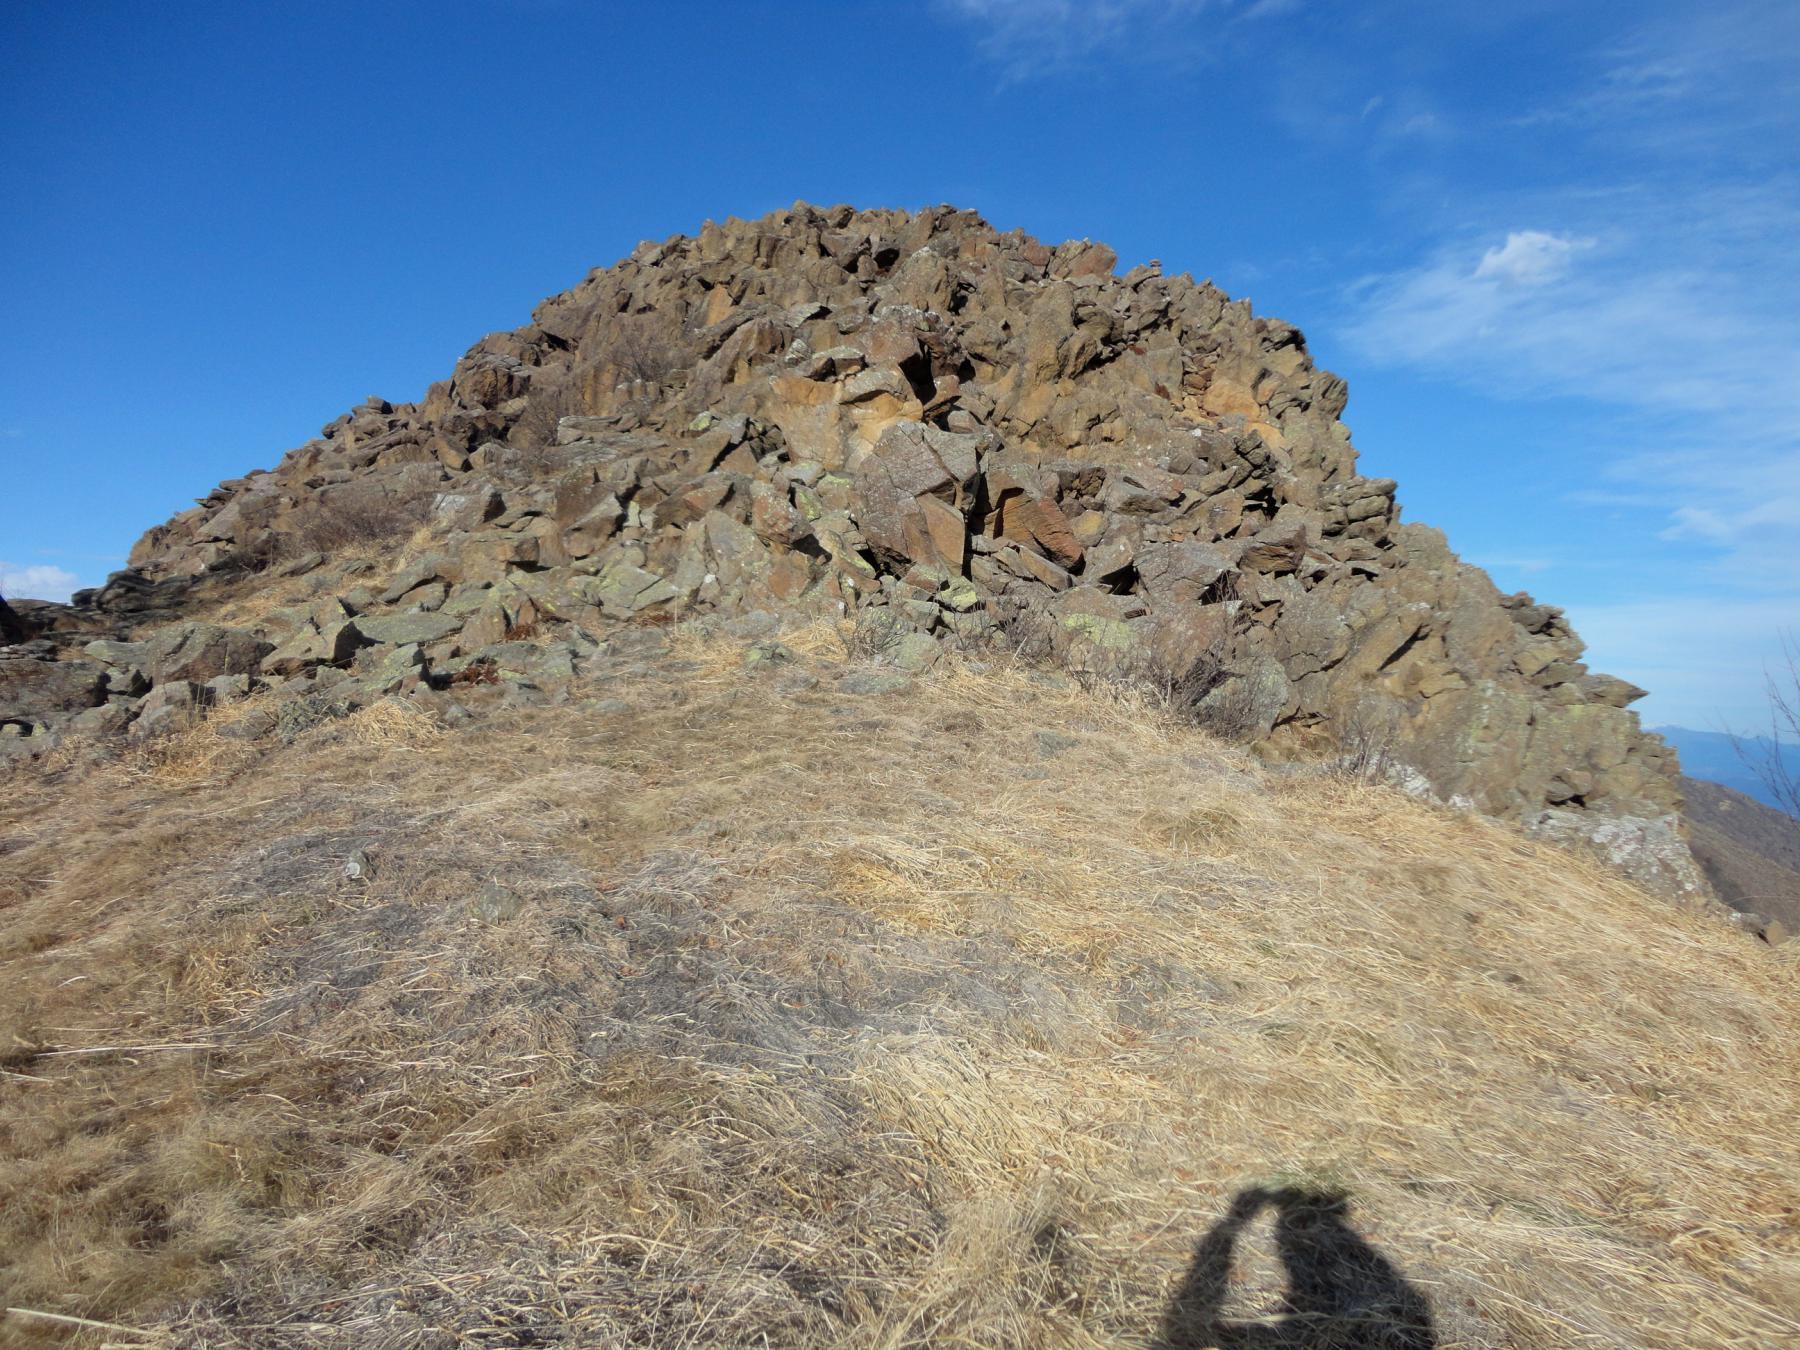 l'anticima rocciosa da superare direttamente